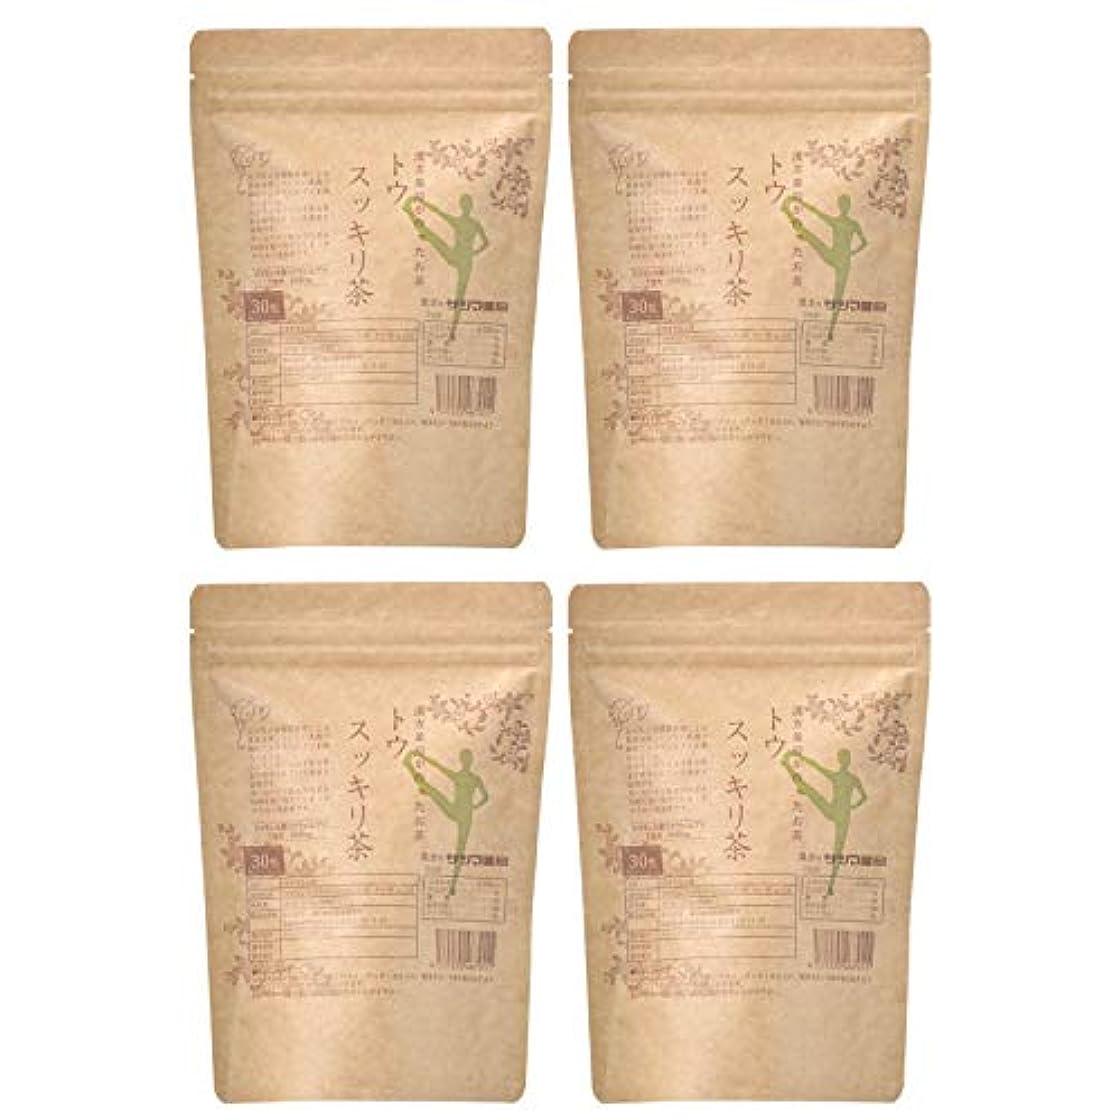 独創的作成者立場サツマ薬局 ダイエットティー トウスッキリ茶 120包(30包×4) ティーパック 高濃度コタラヒム茶 ほうじ茶